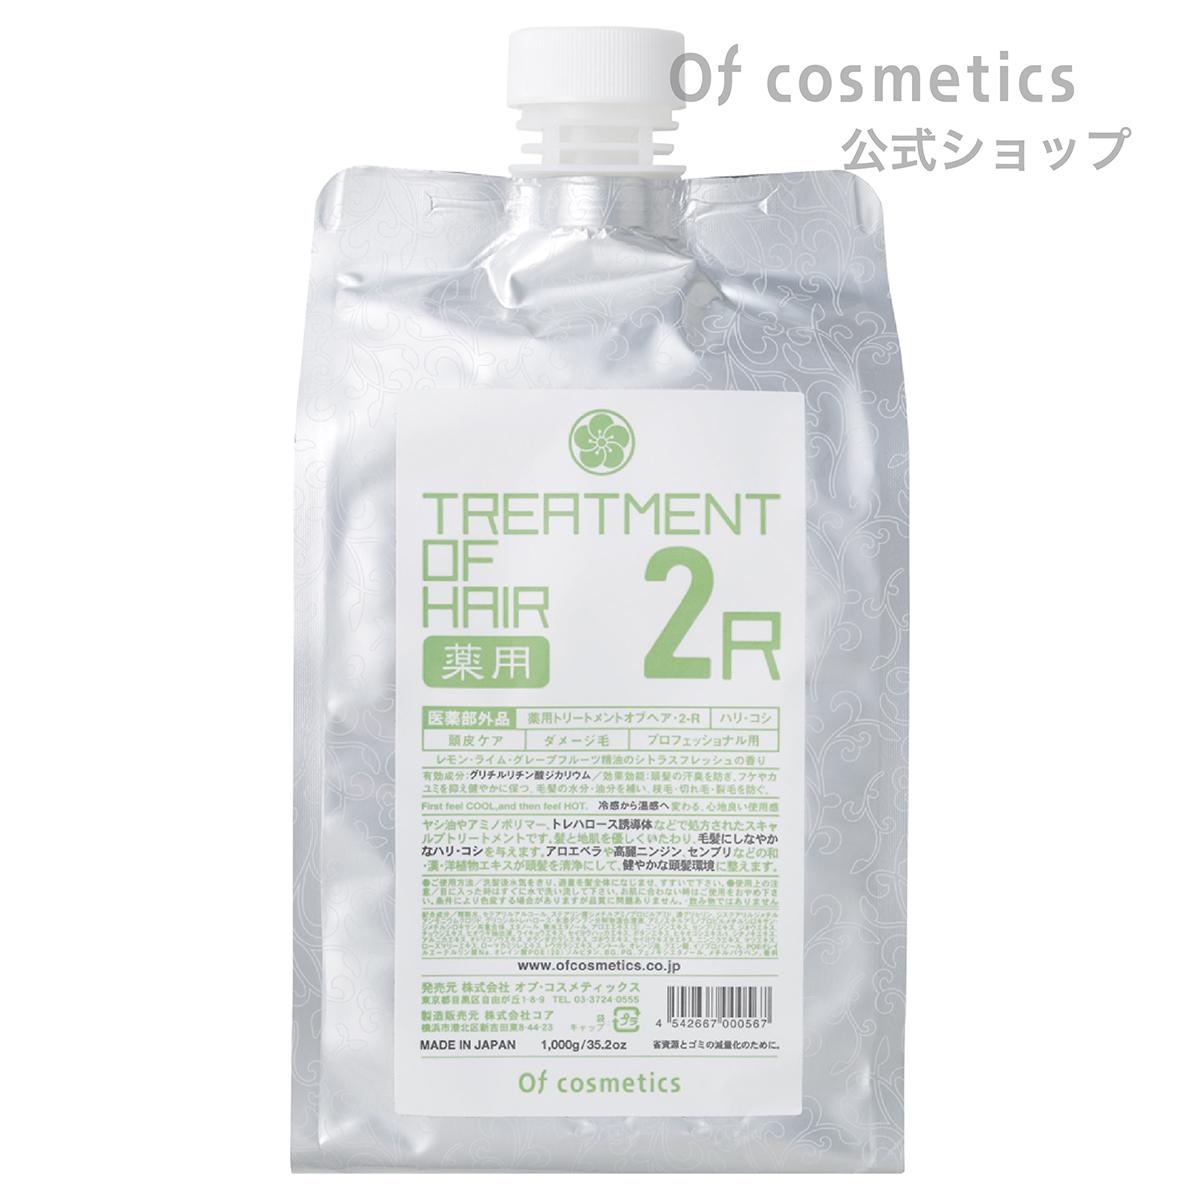 薬用トリートメントオブヘア・2-R/エコサイズ1000g【オブコスメティックス公式ショップ】